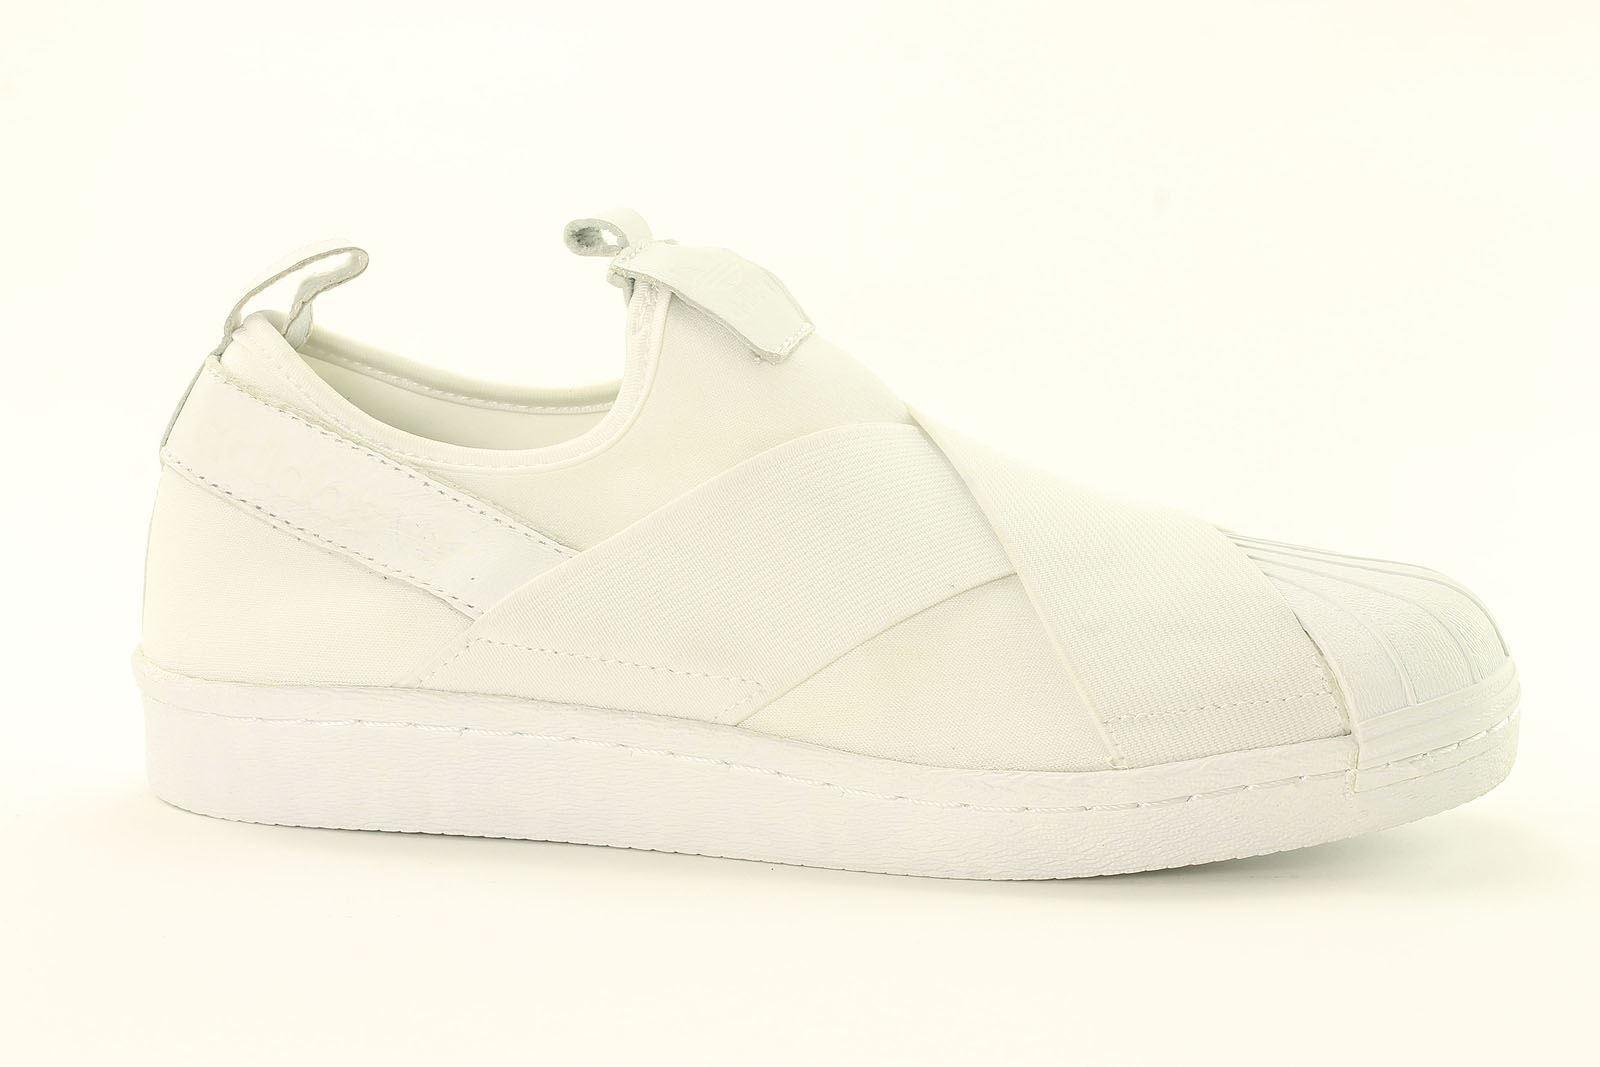 29eb7e9a2e33 Women s junior Shoes SNEAKERS adidas Originals Superstar Slipon ...